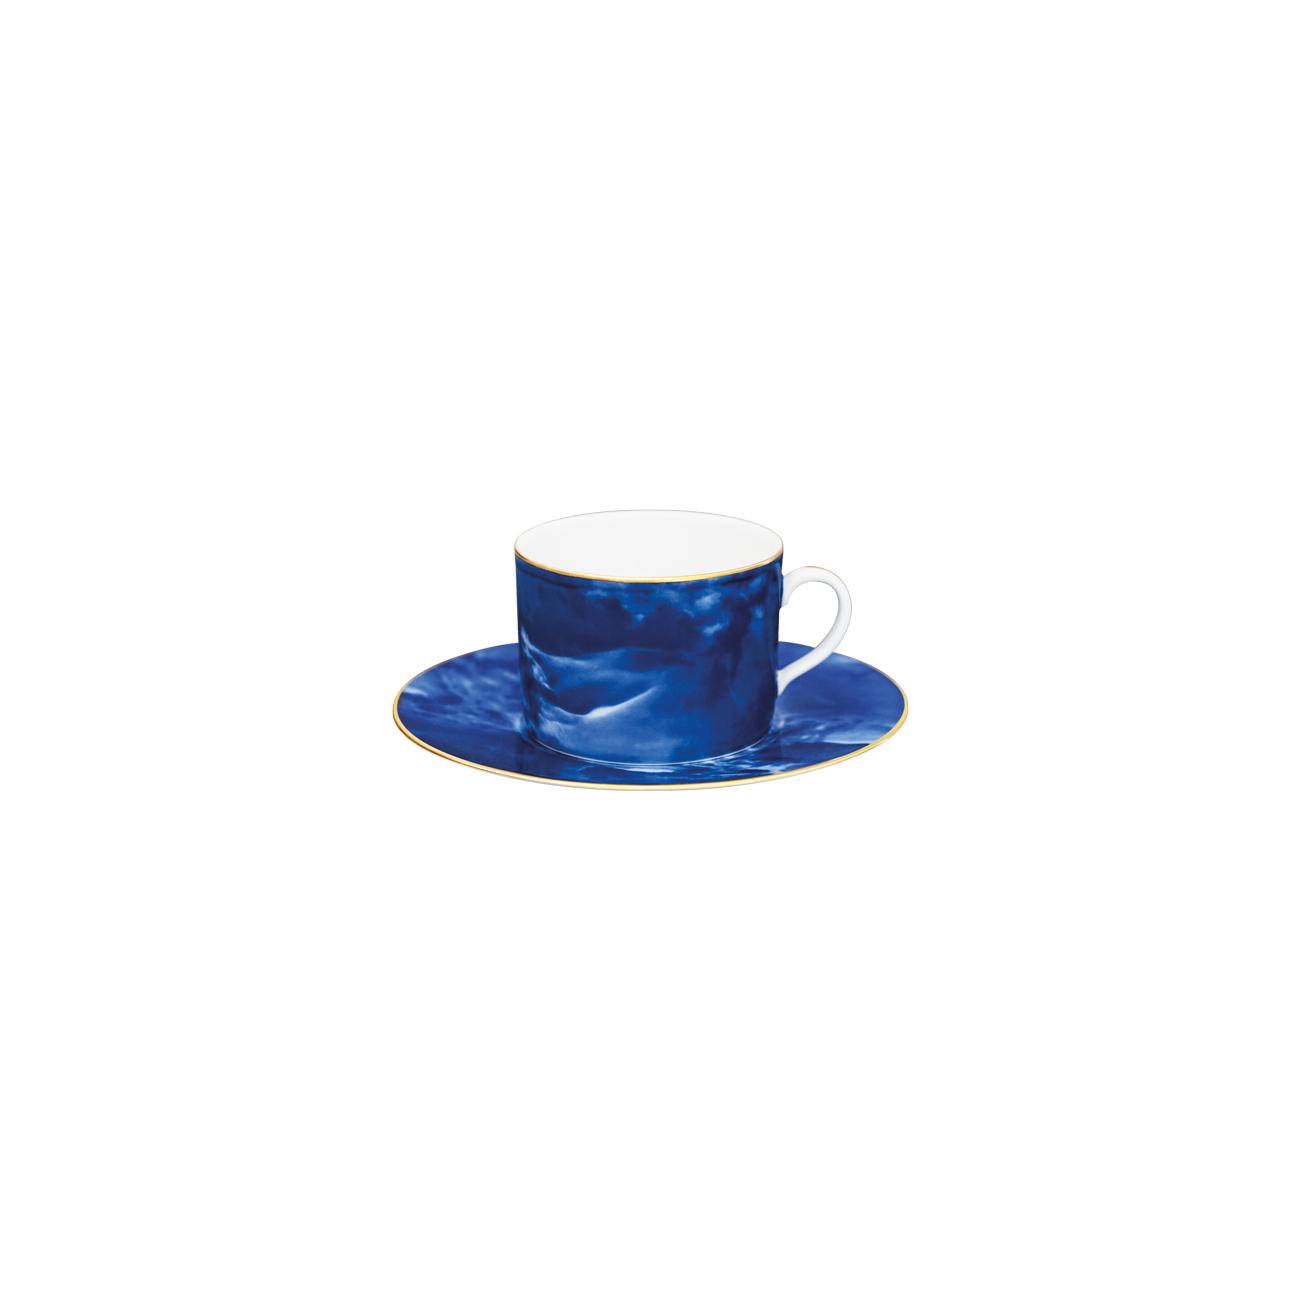 Tea Cup 23cl Bia + Tea Saucer 16cm Myth 0